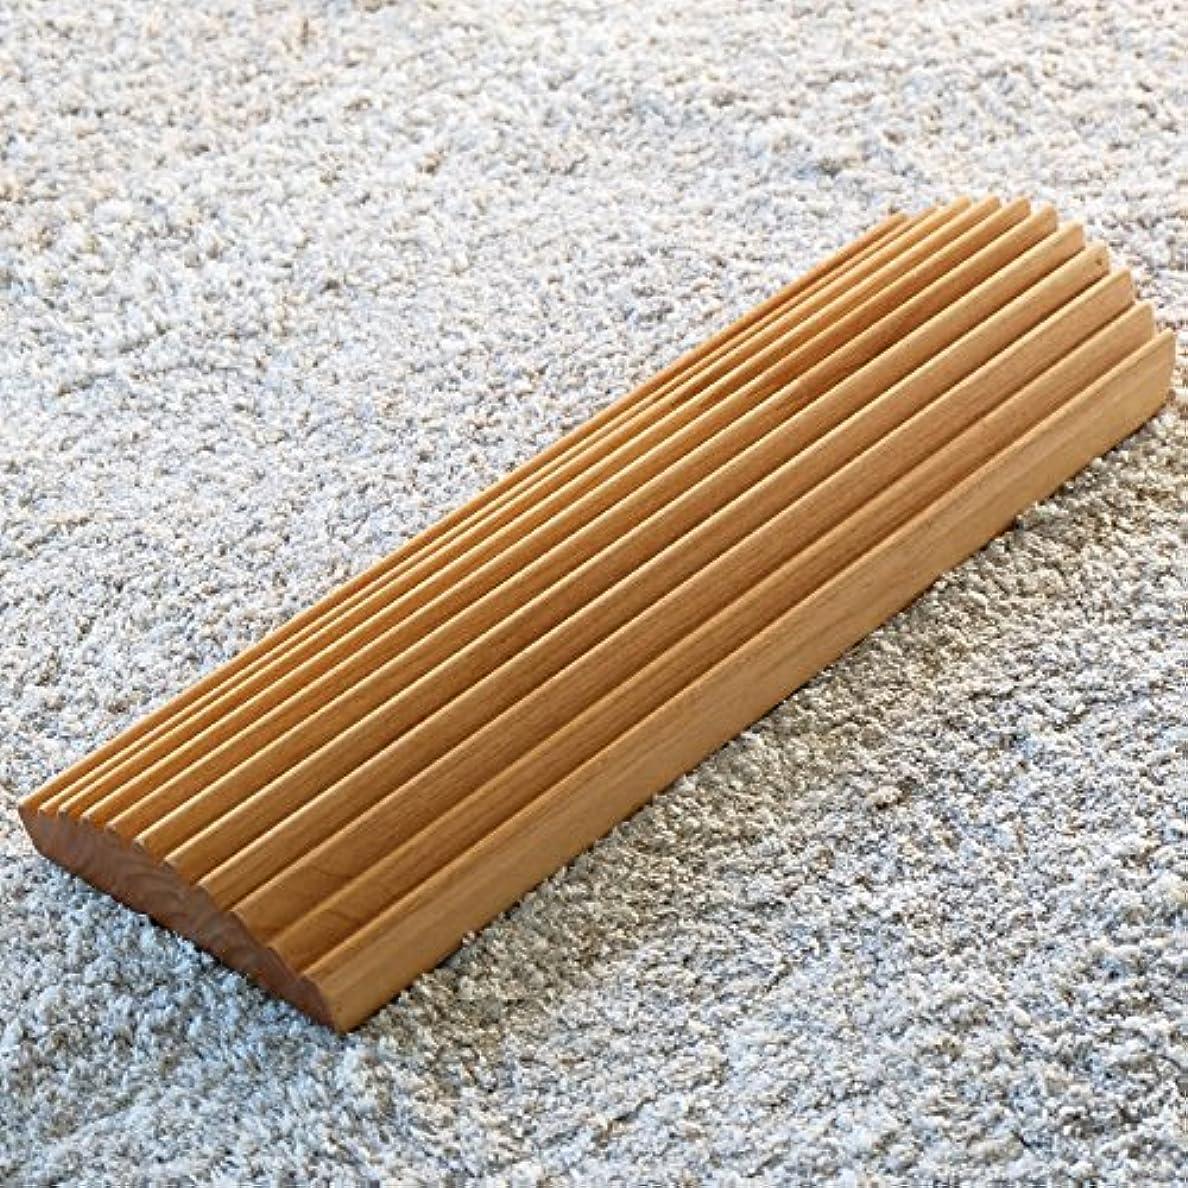 恐ろしい汗子供っぽいISSEIKI 足踏み アルダー材 幅40cm FIT ASIFUMI 40 (NA) フットケア 木製 おしゃれ プレゼント 指圧代用 FIT ASIFUMI 40 (AL-NA)